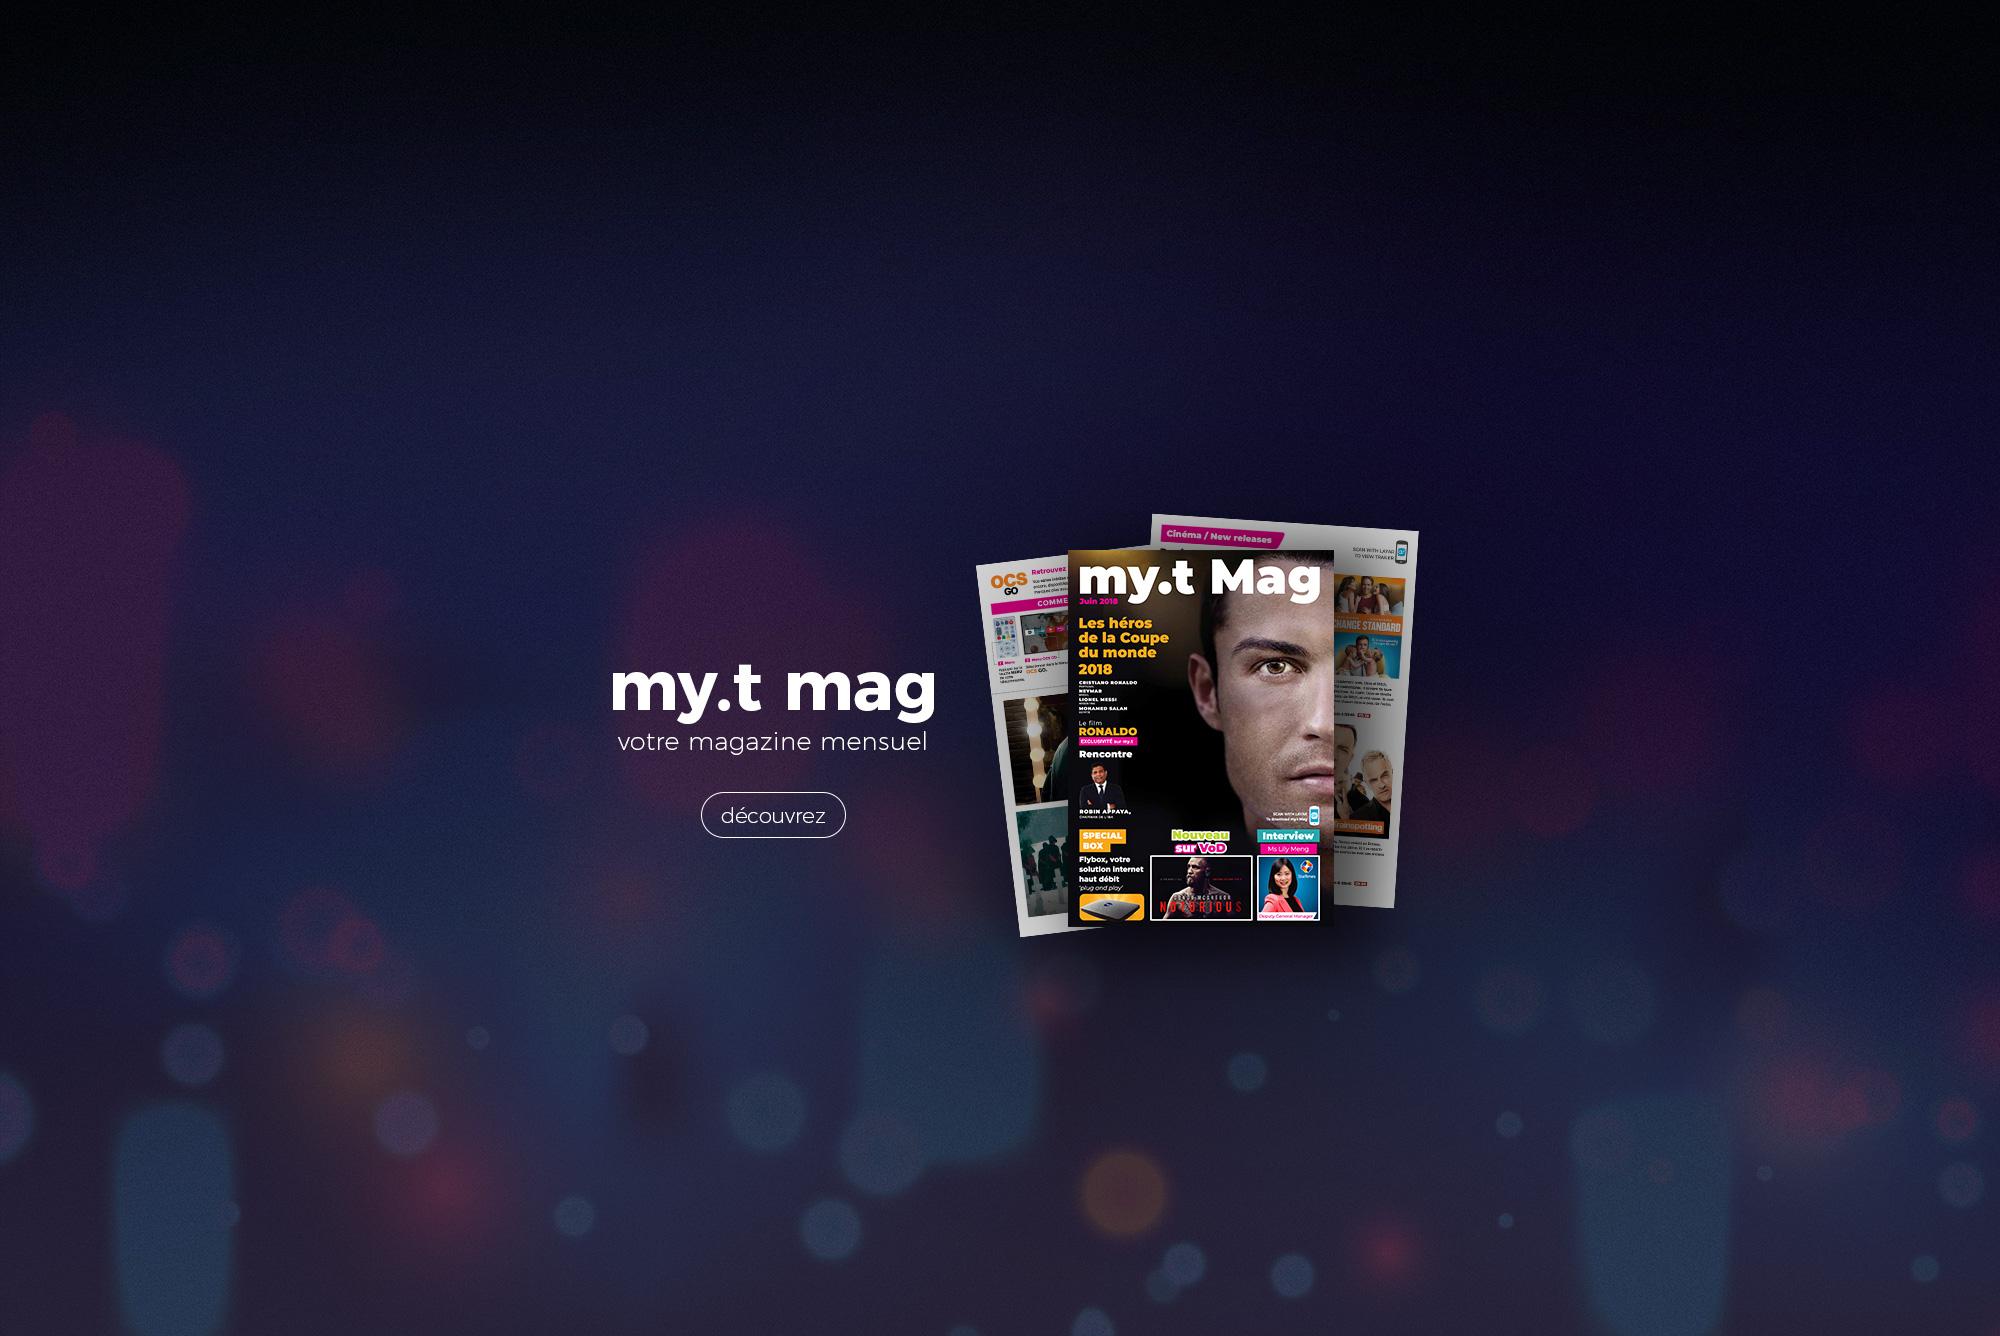 myt mag